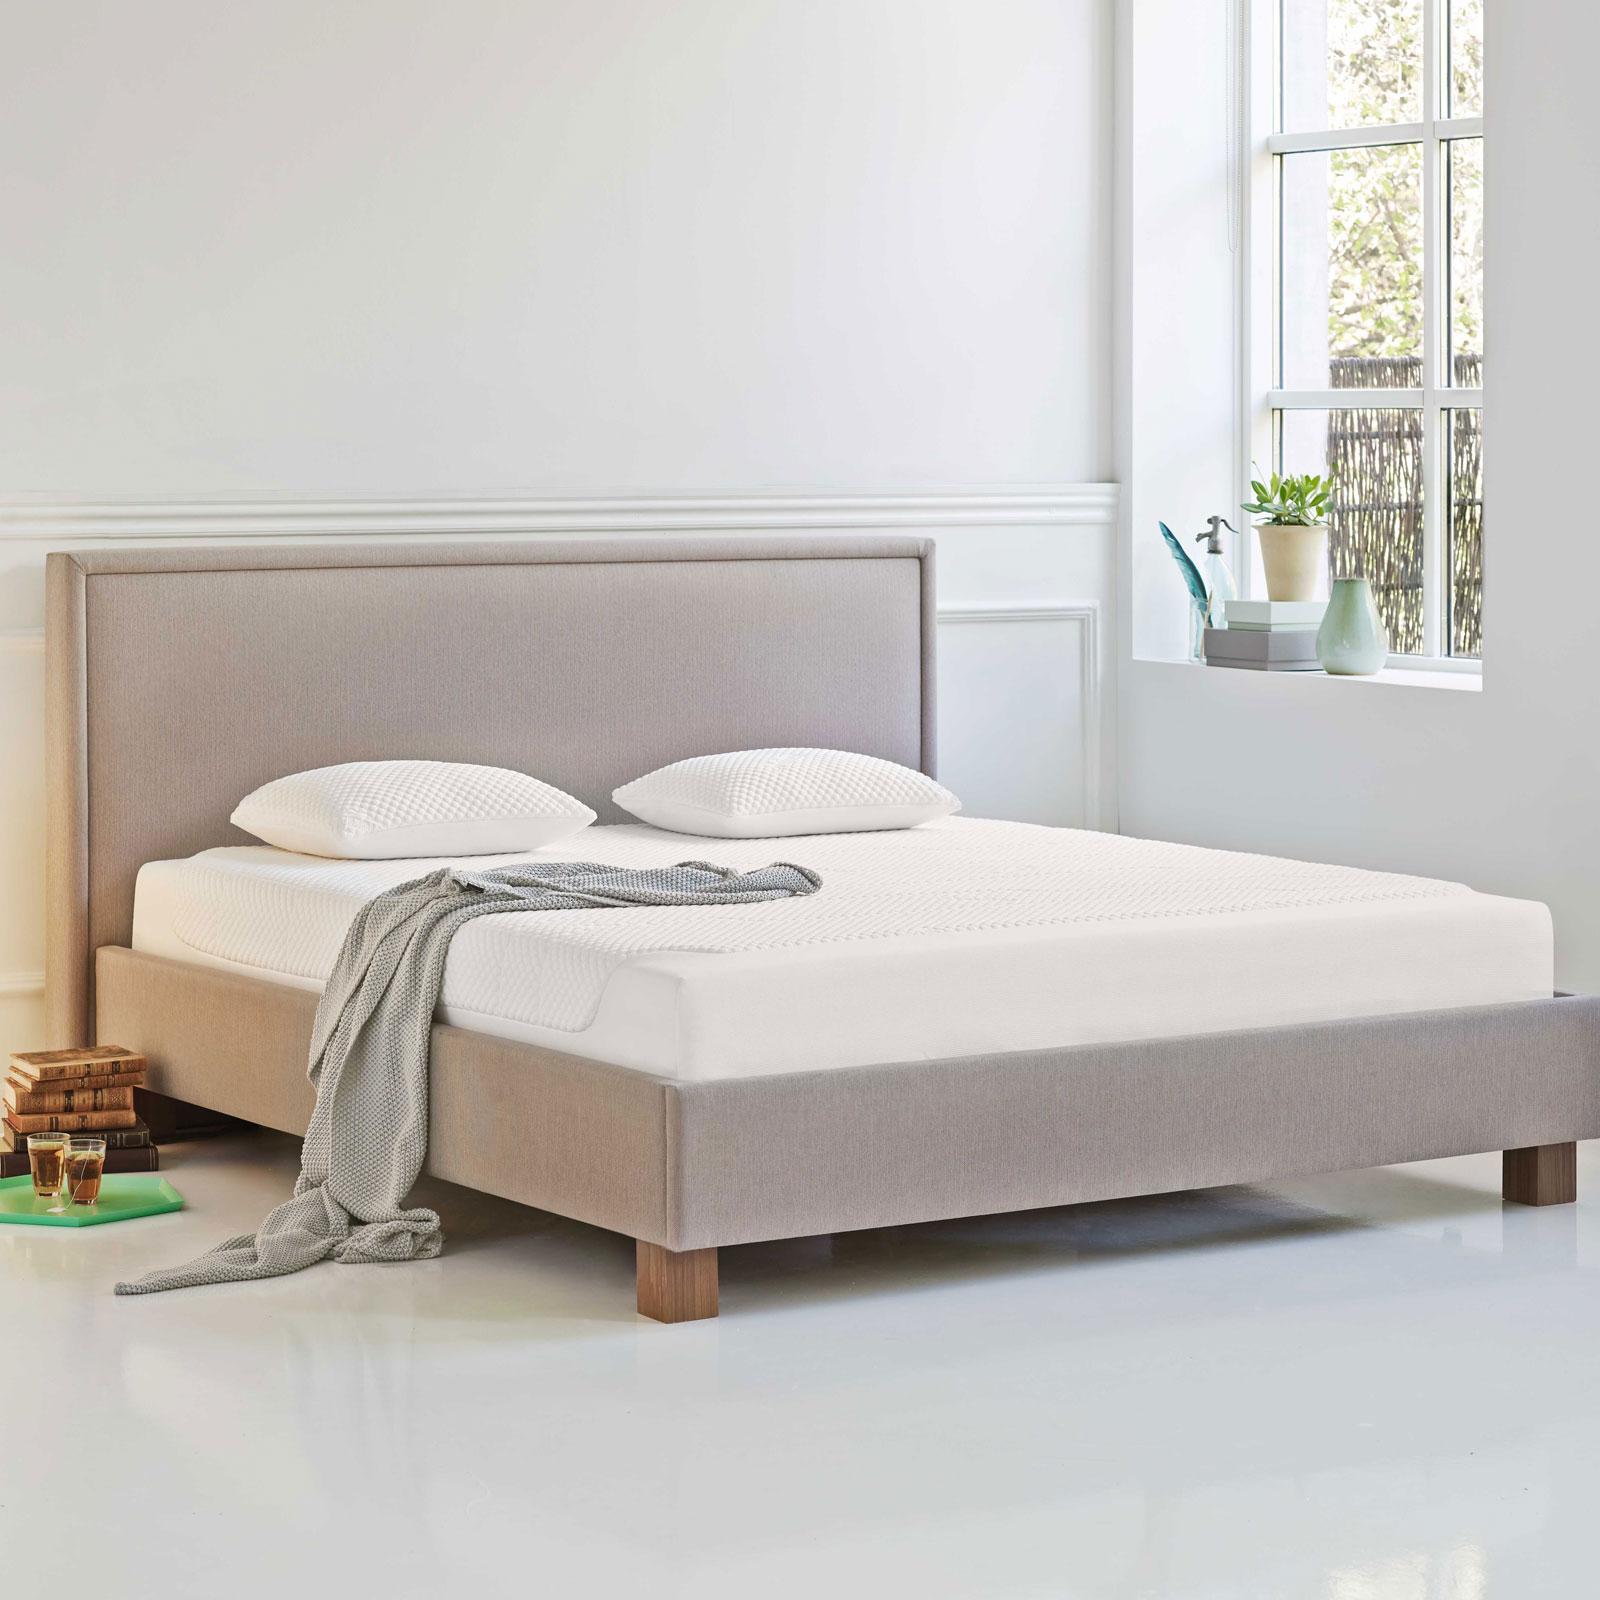 Un buen descanso es sinónimo de una buena cama y un buen colchón 2